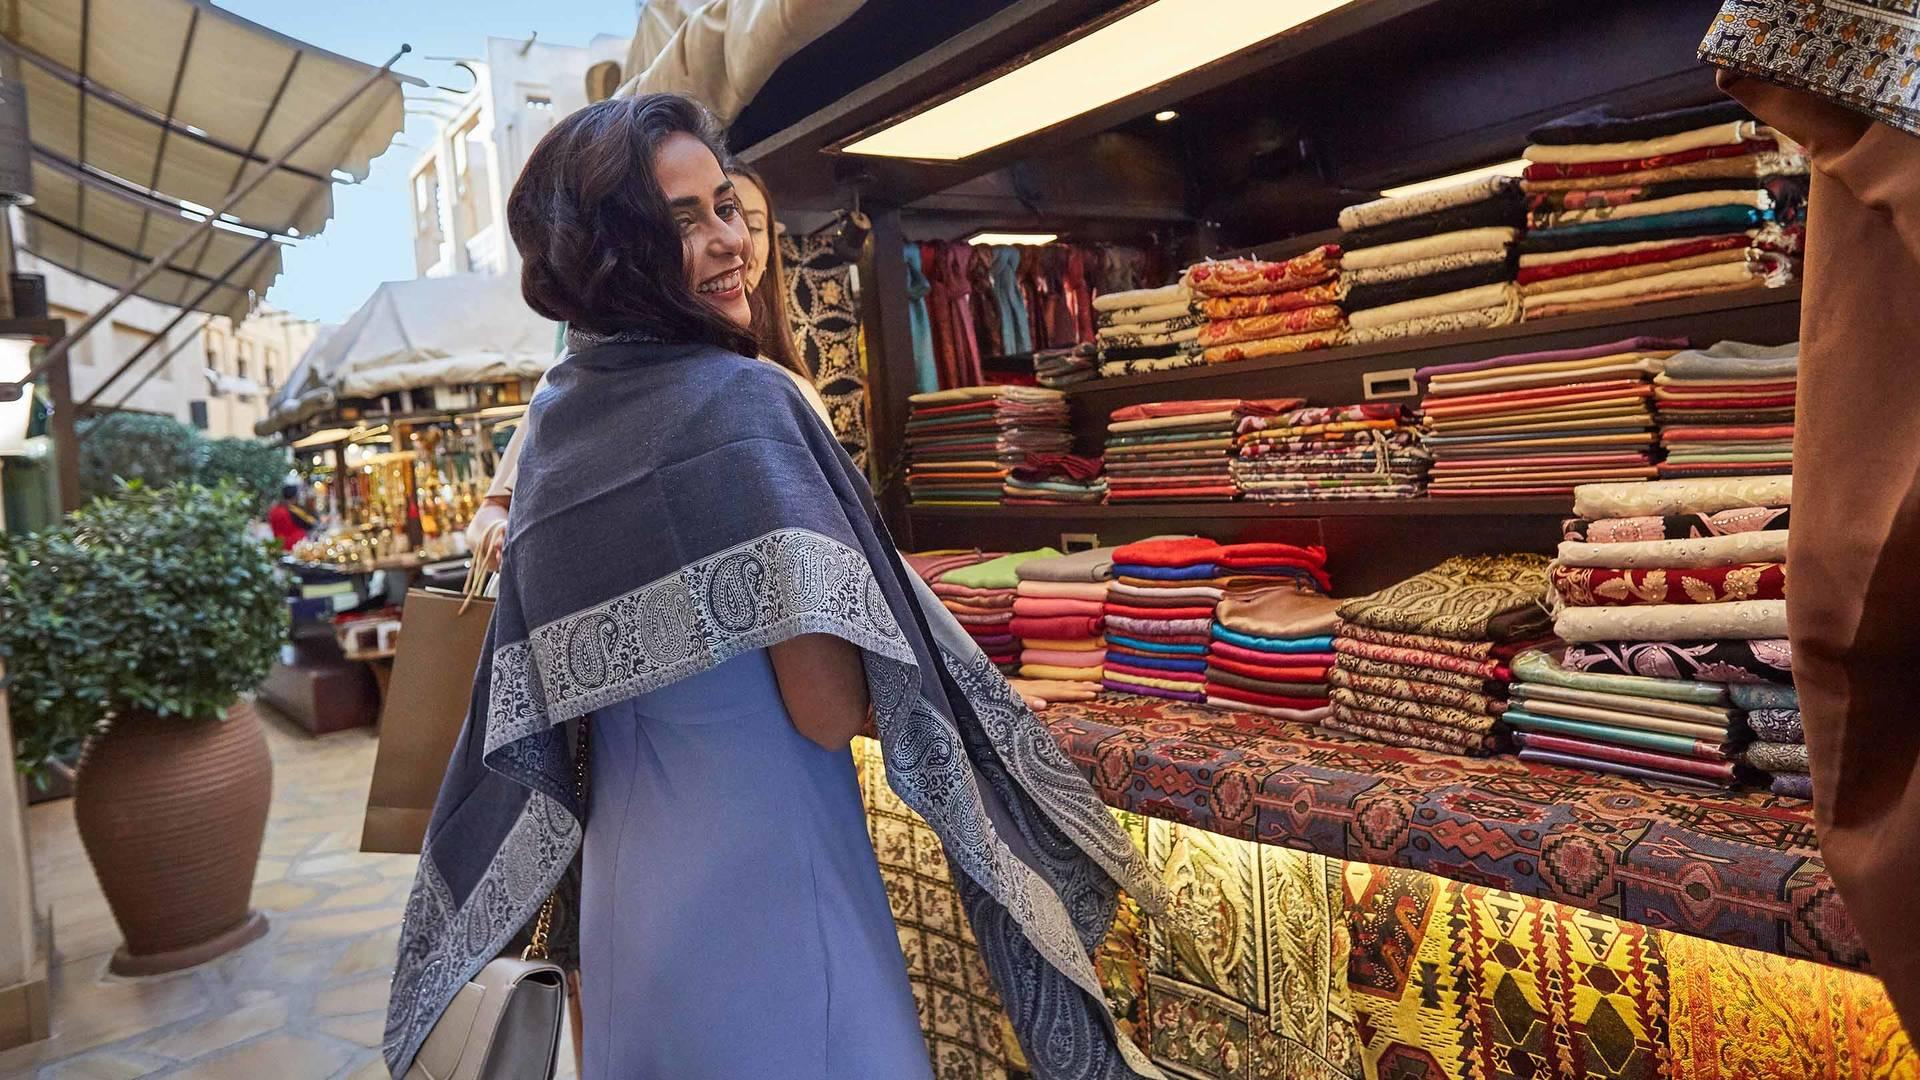 Dubai - western women shopping_16-9